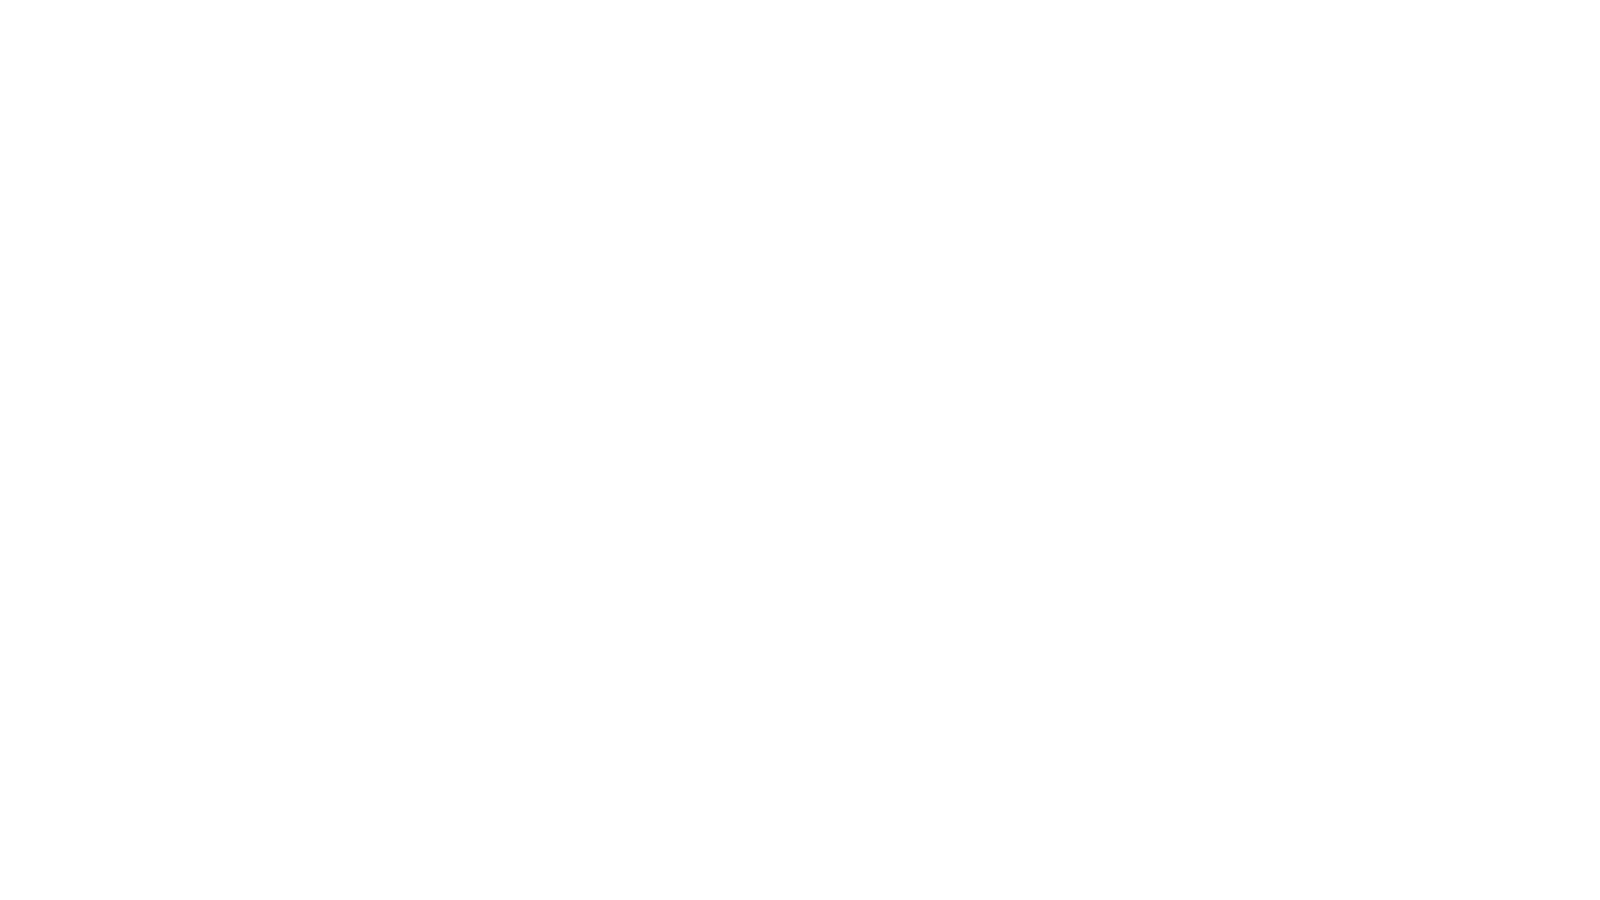 ECCO UN BREVE VIDEO DEL NOSTRO TRATTAMENTO BIORIVITALIZZANTE VISO  • Cocktail biorivitalizzante ad azione ristrutturante e tonificante per la prevenzione e correzione di rughe superficiali, medie e profonde indotte da chrono/photo aging.  ☎️ Chiama per informazioni o prenotazioni 📲011 539180. 📍Siamo in Corso Sommeiller 4/b a Torino.